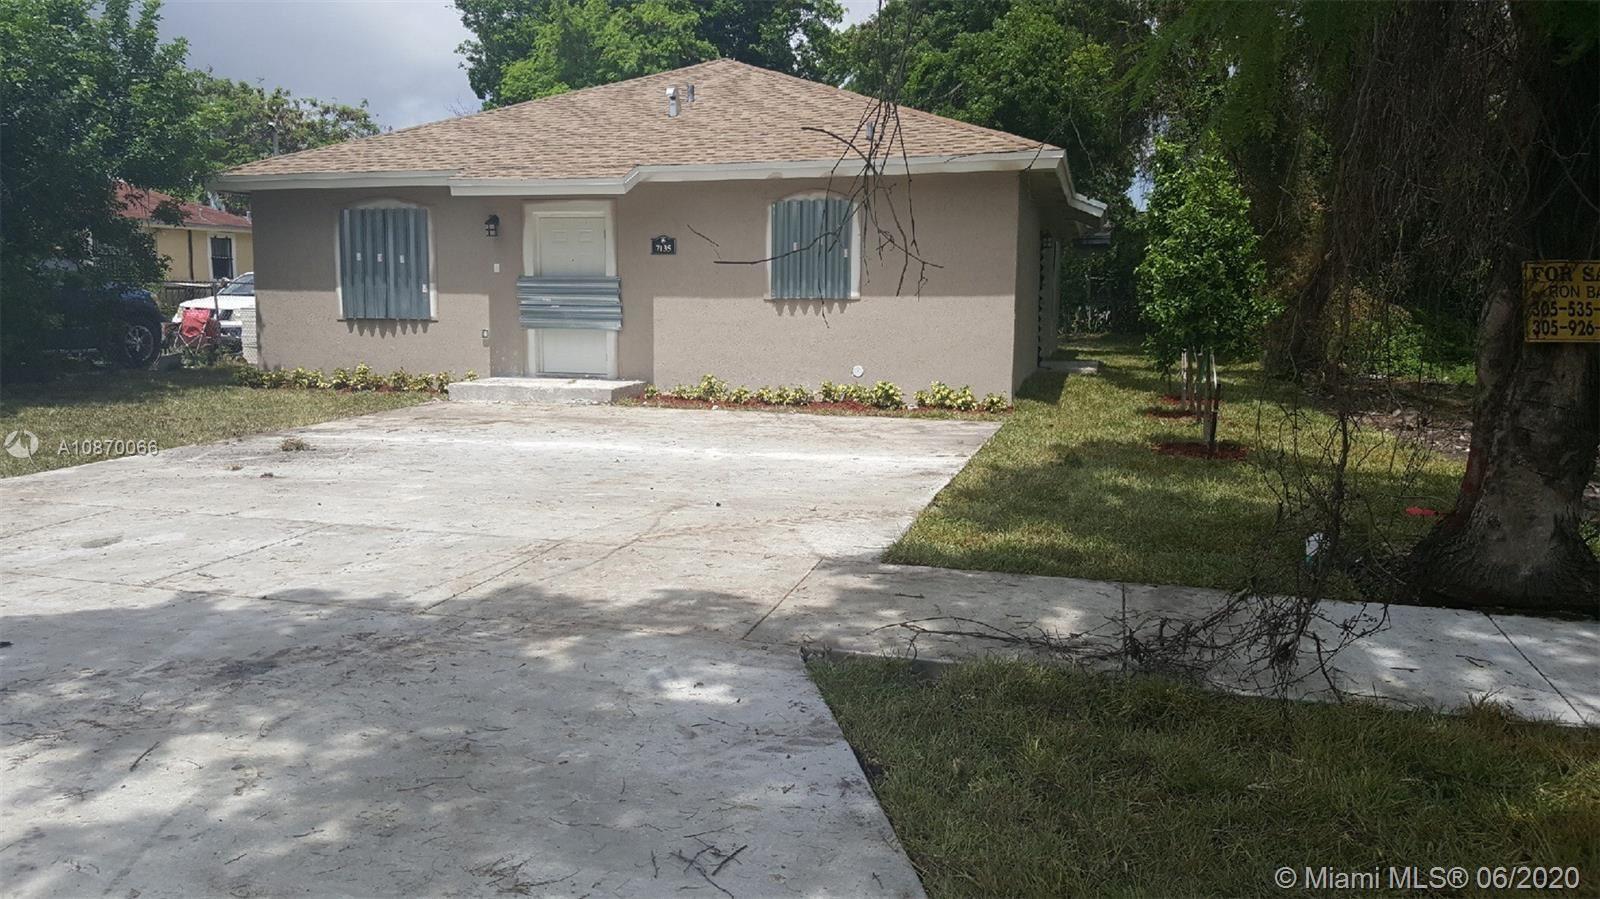 1741 NW 93 TER, Miami, FL 33147 - #: A10870066